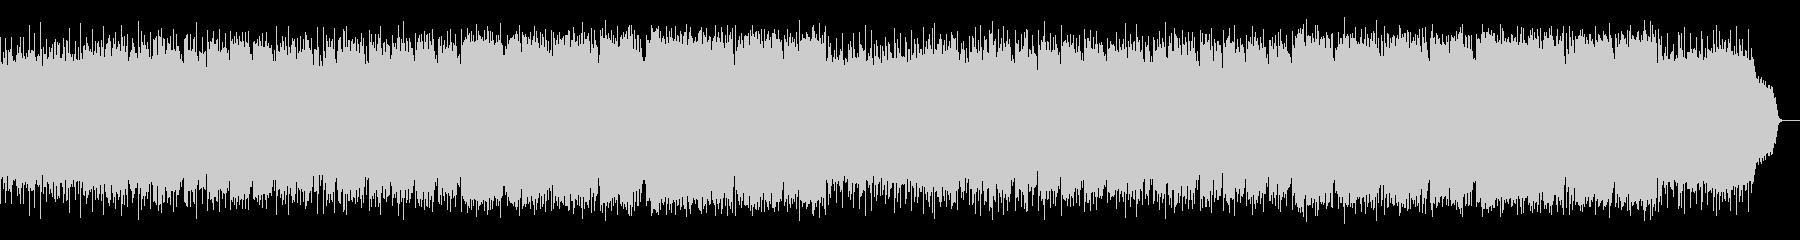 SAXが奏でる明るくおおらかなポップスの未再生の波形